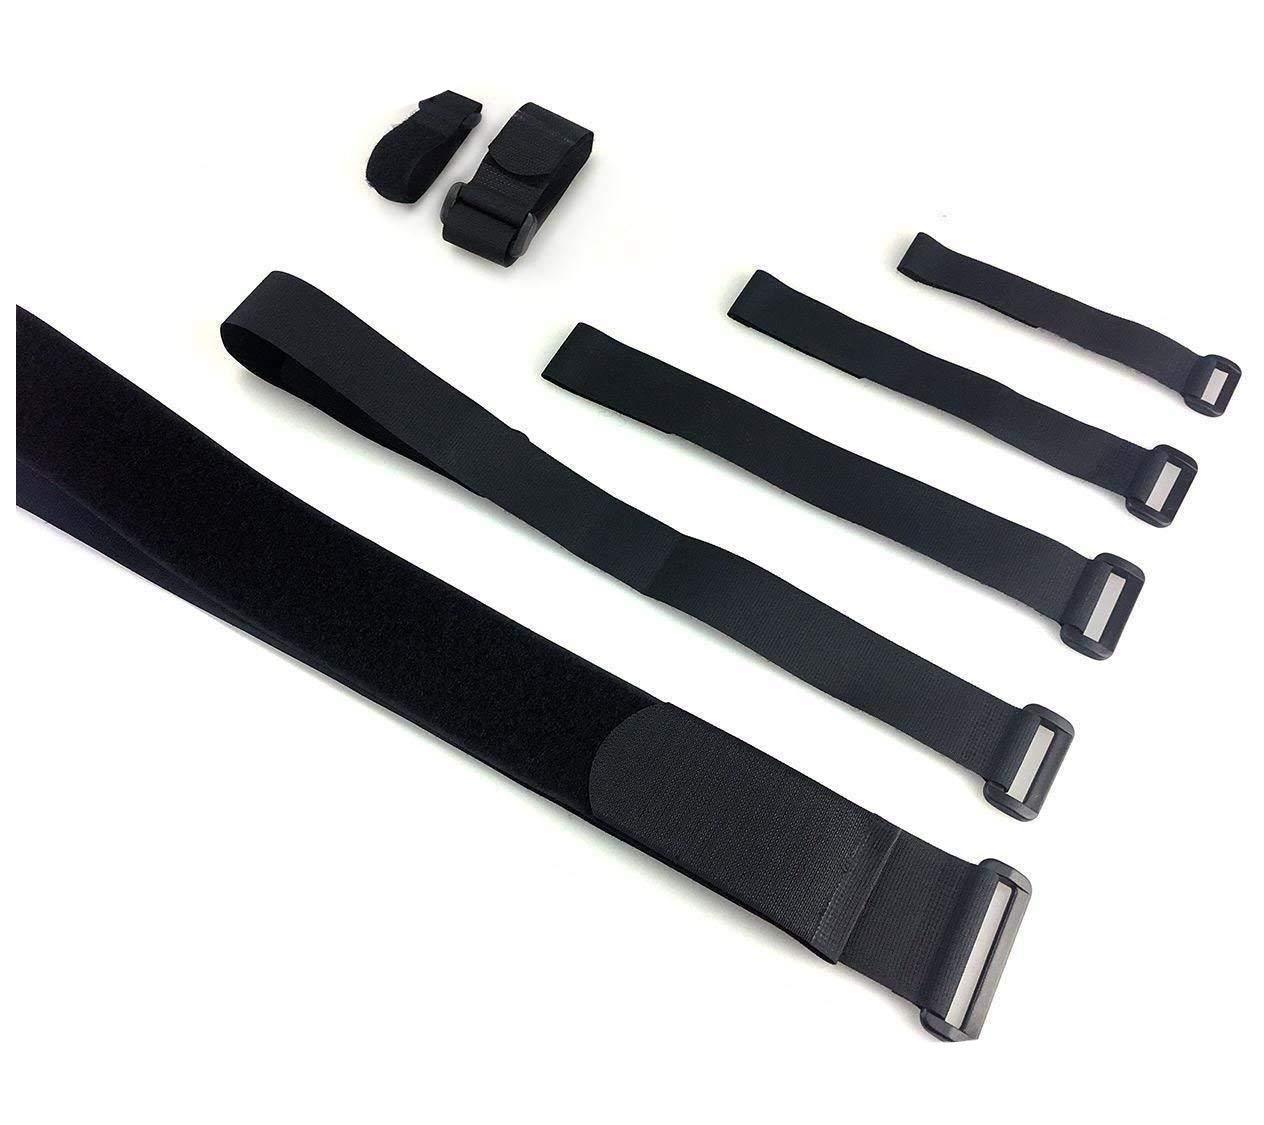 Alfatex® von Velcro® Marke Umreifung Kabelbinder mit Schnalle Band Gepäck Strap, 2Stück